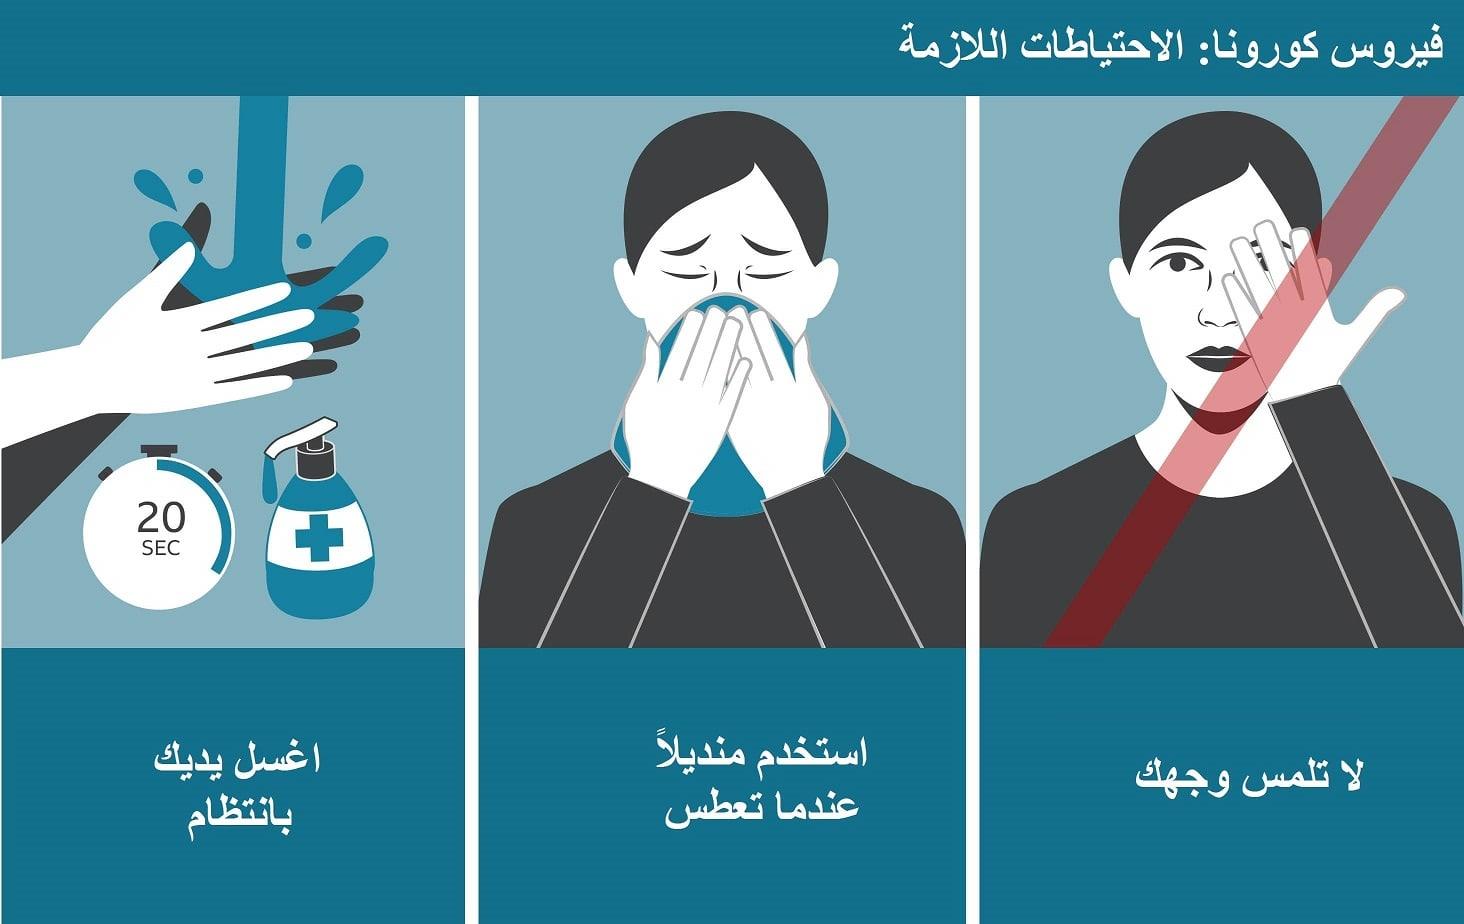 نصائح الوقاية من الإصابة بفيروس كورونا المستجد